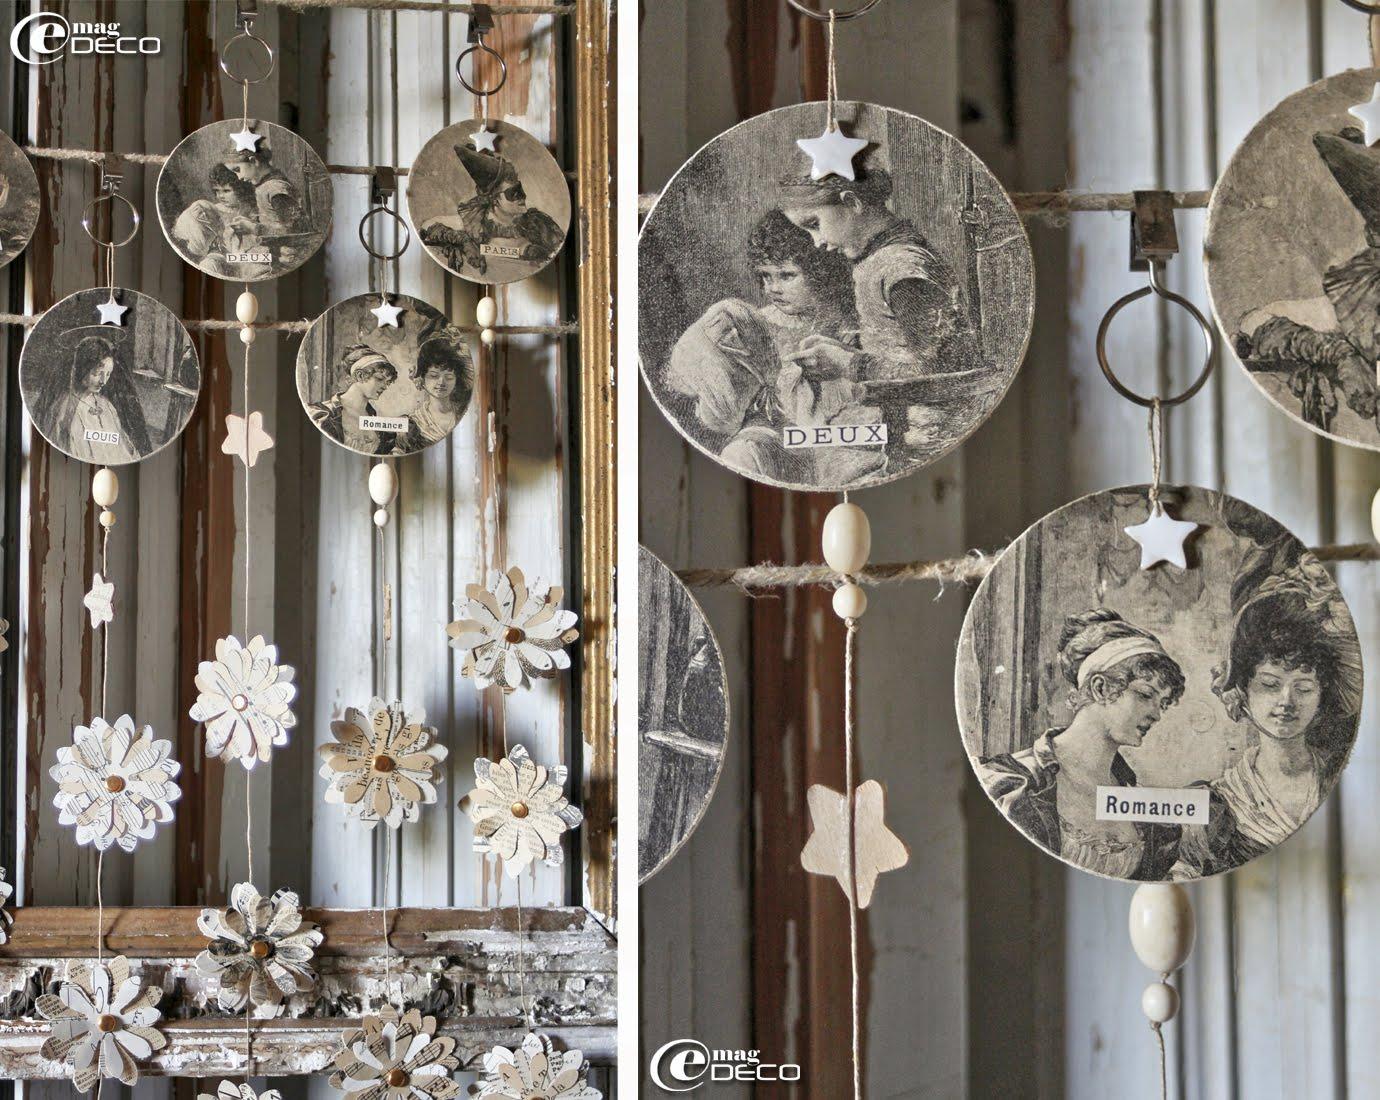 Détails des médaillons illustrés composant différentes Guirlandes Sylvestre pour un décor de Noël